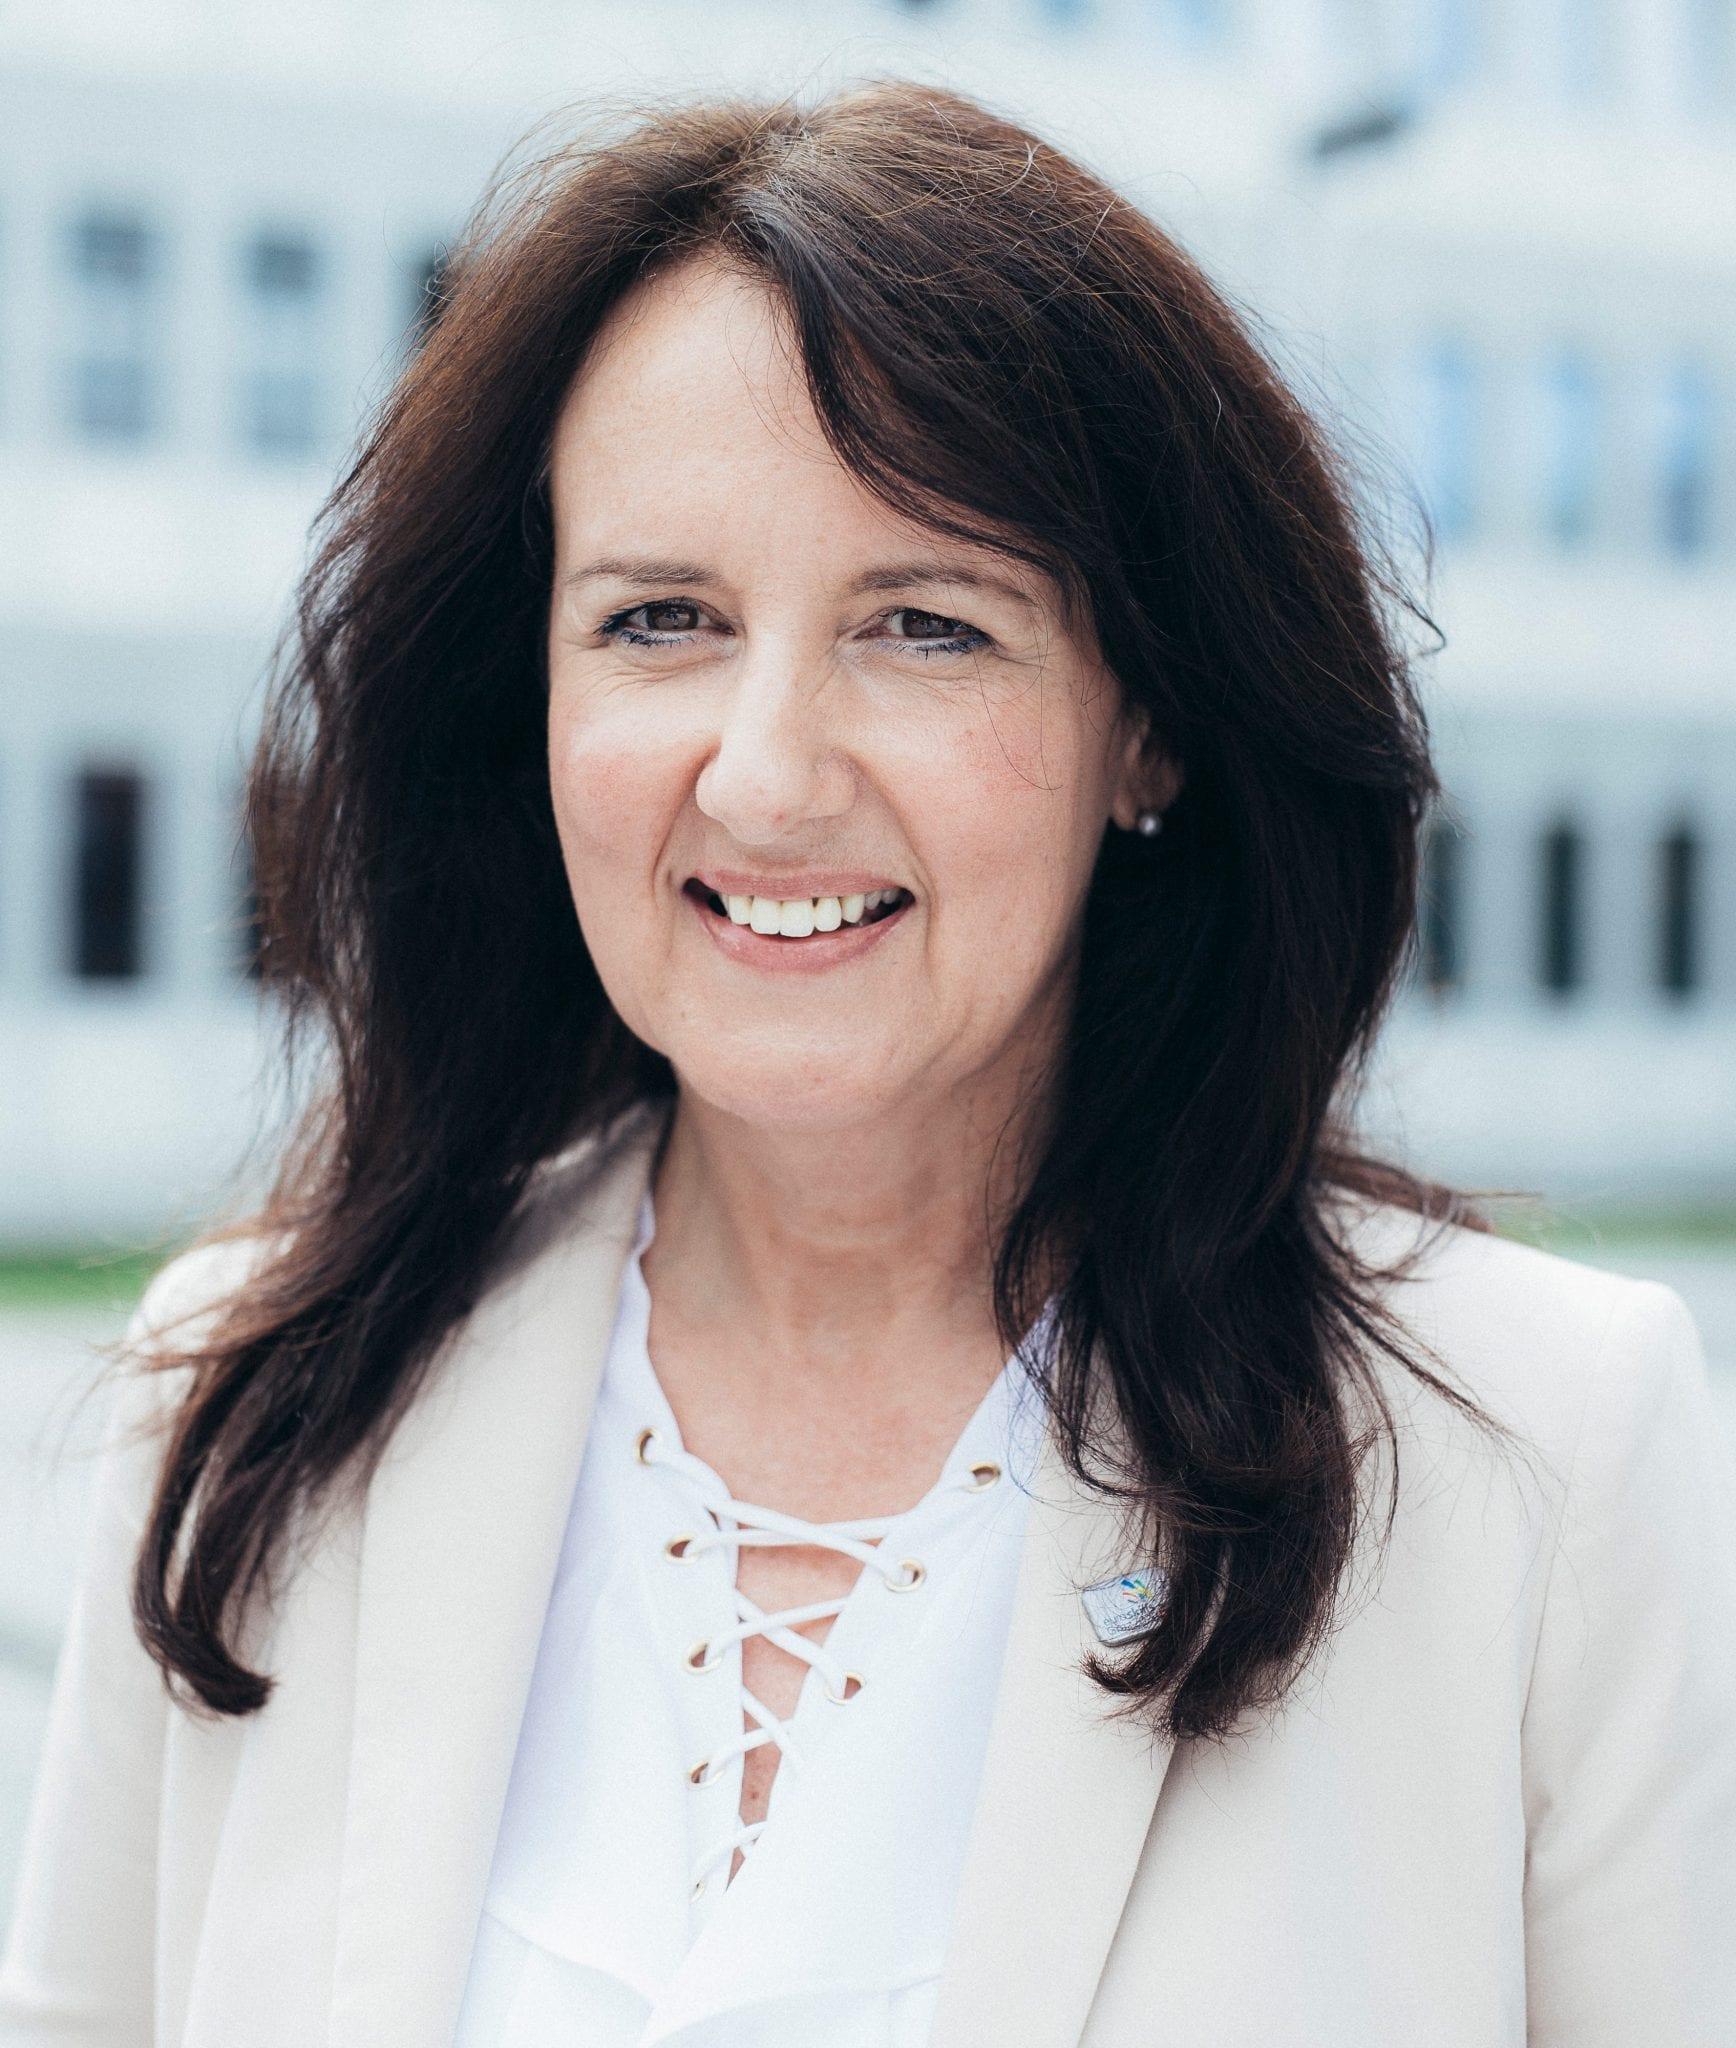 Angelika Ledineg